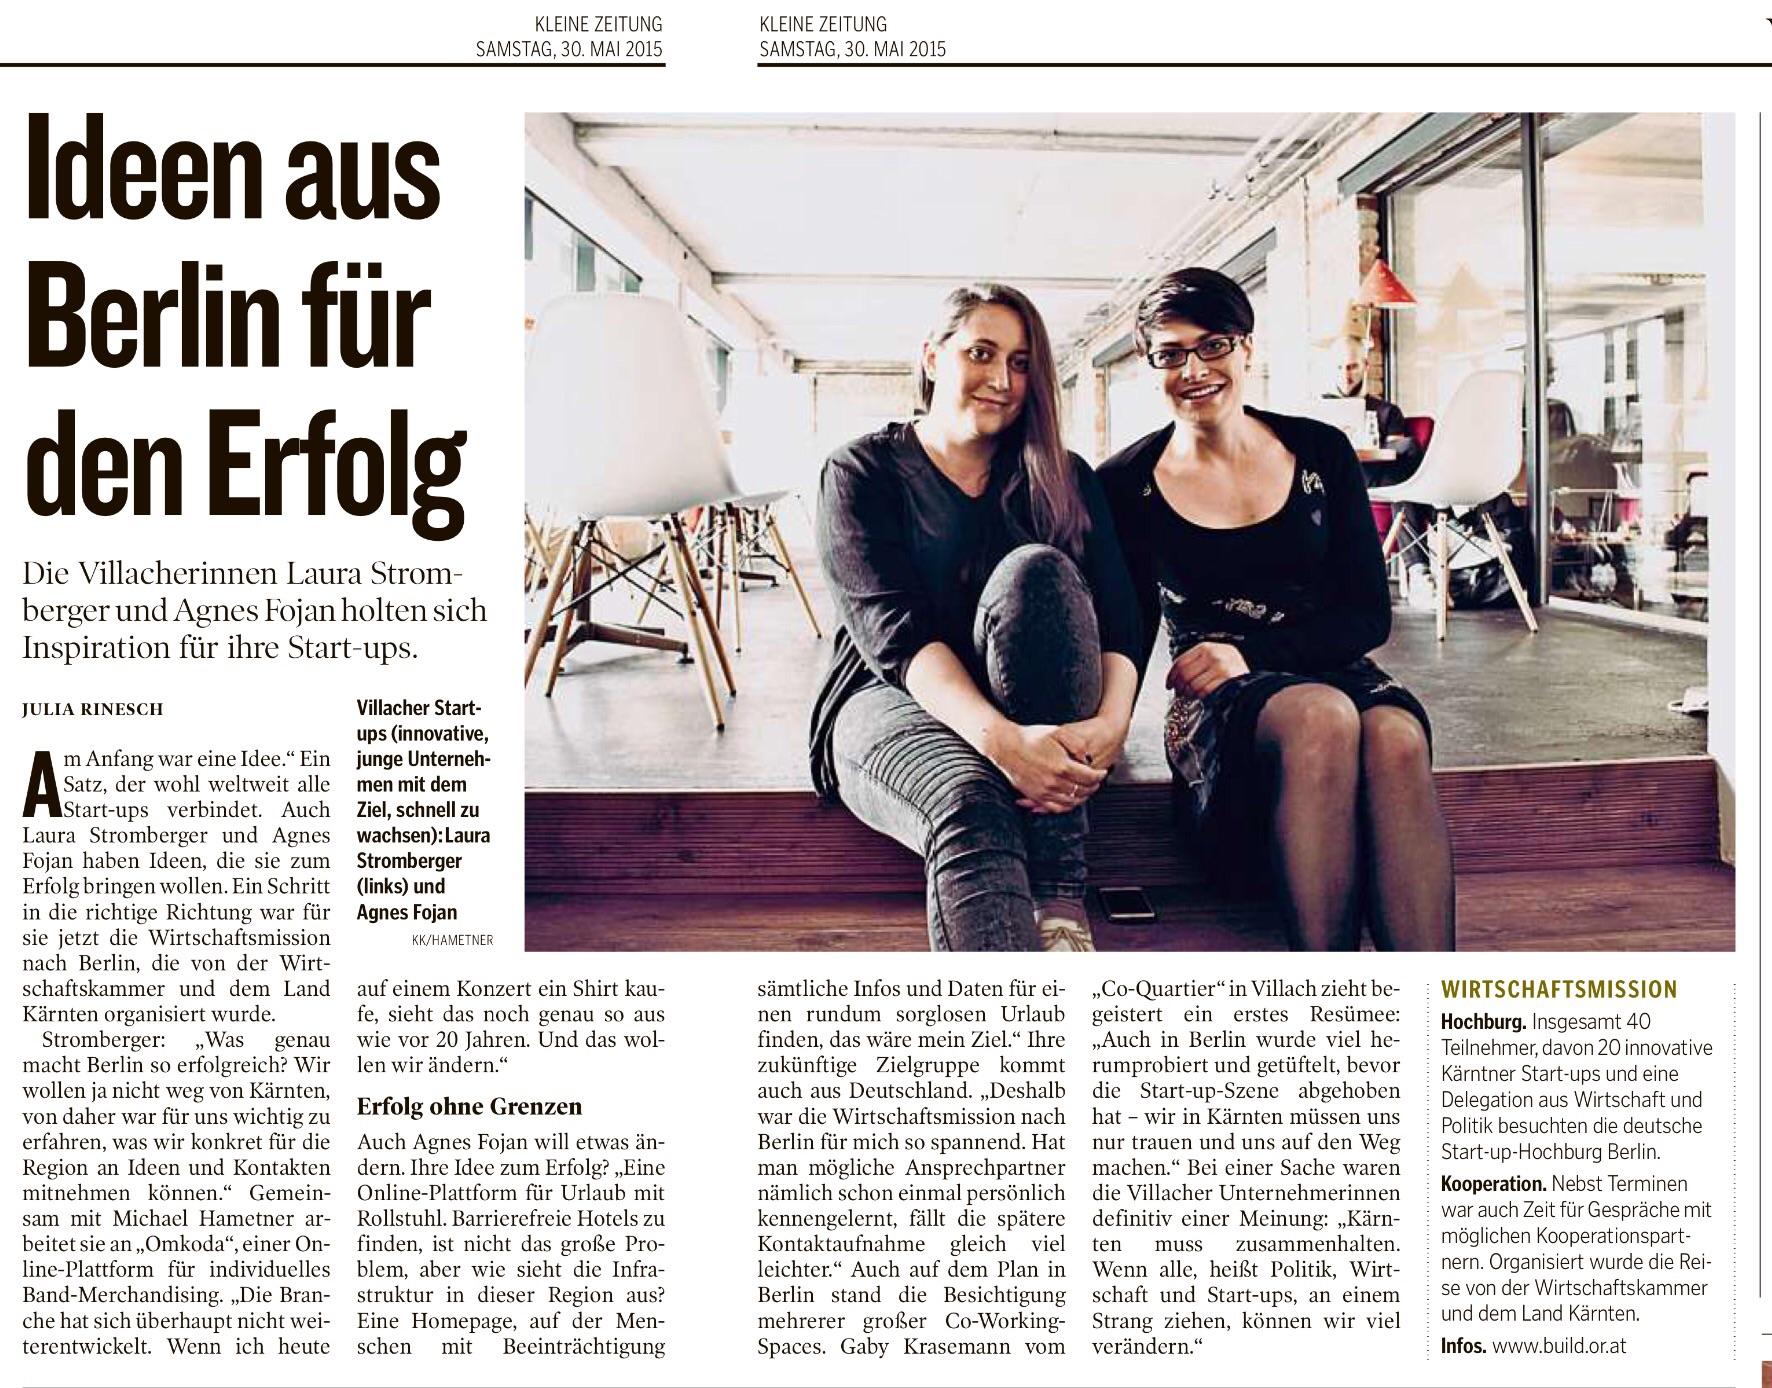 Beitrag Kleine Zeitung 30.5.2015